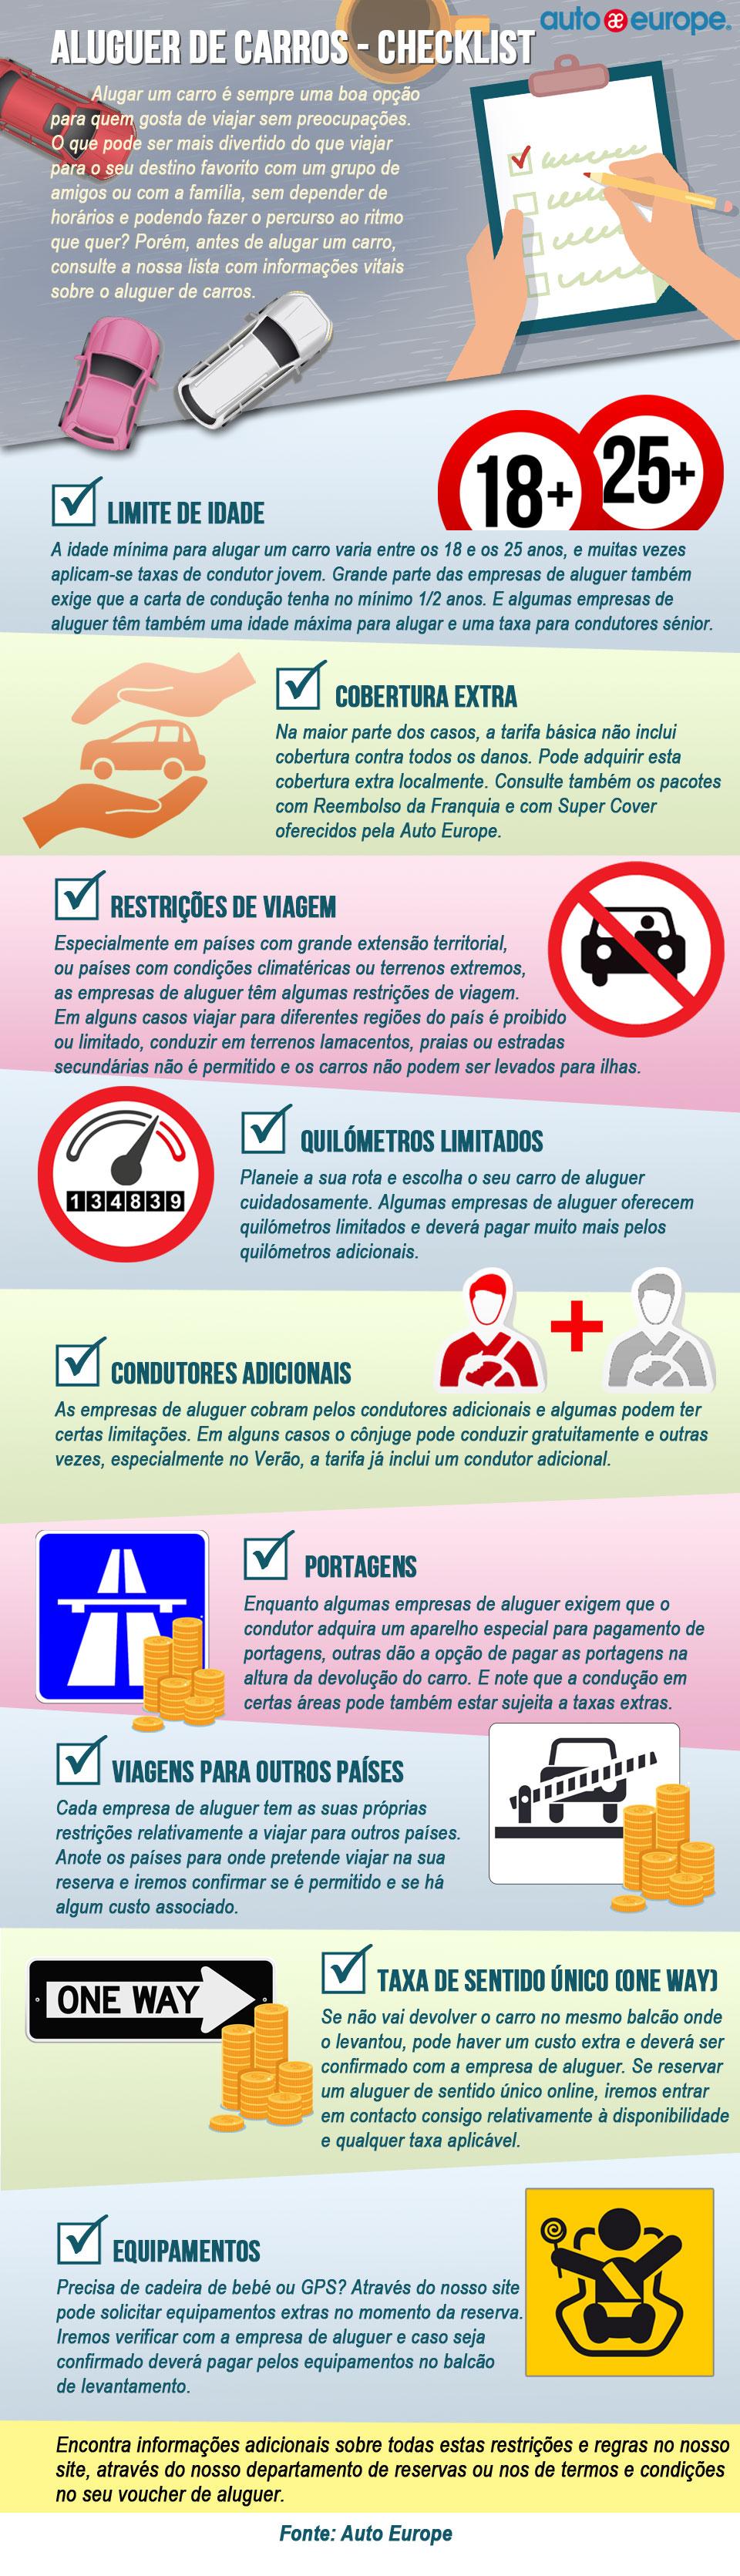 Infográfico: Aluguer de carros checklist